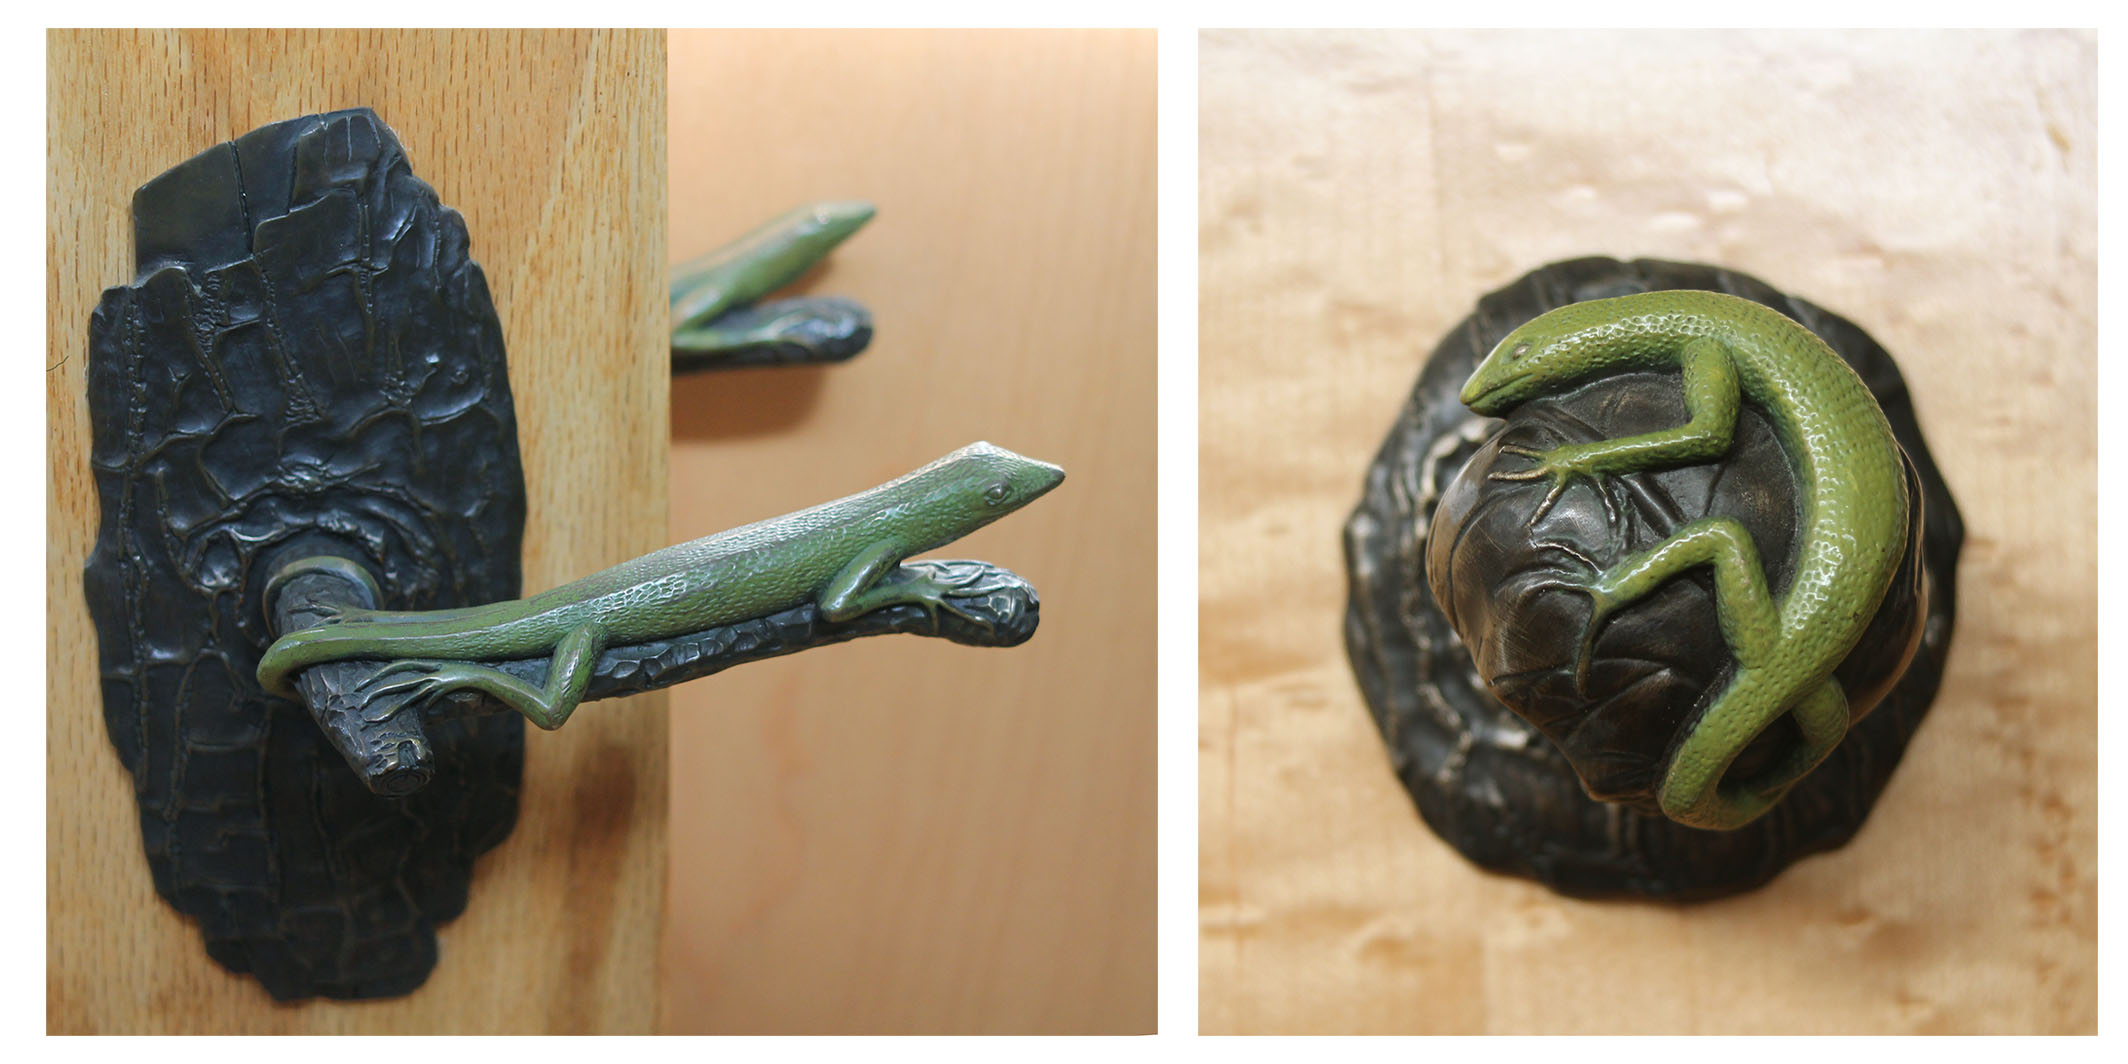 Lizard Door Lever and Lizard door knob